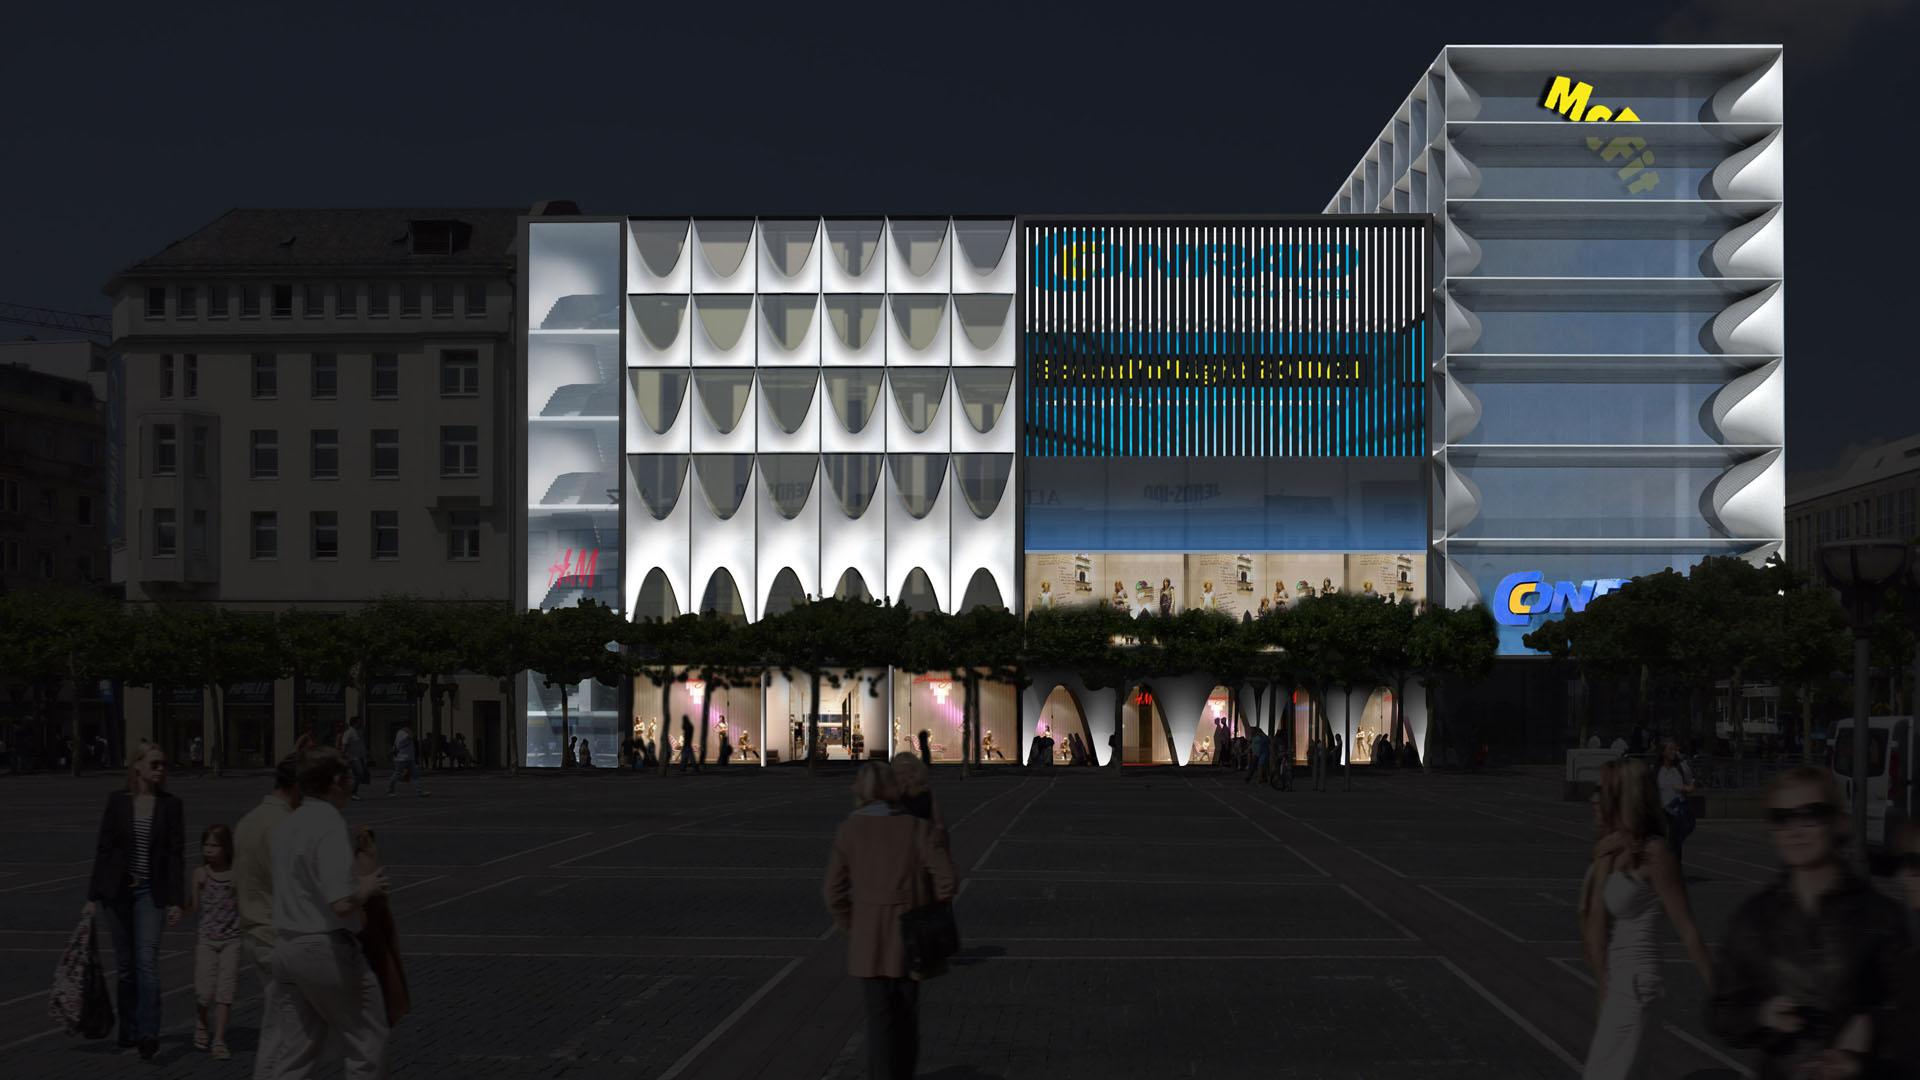 MAASS-Lichtplanung_Fassadenbeleuchtungskonzept für Frankfurter Geschäftshaus__MAASS-Zeil-004